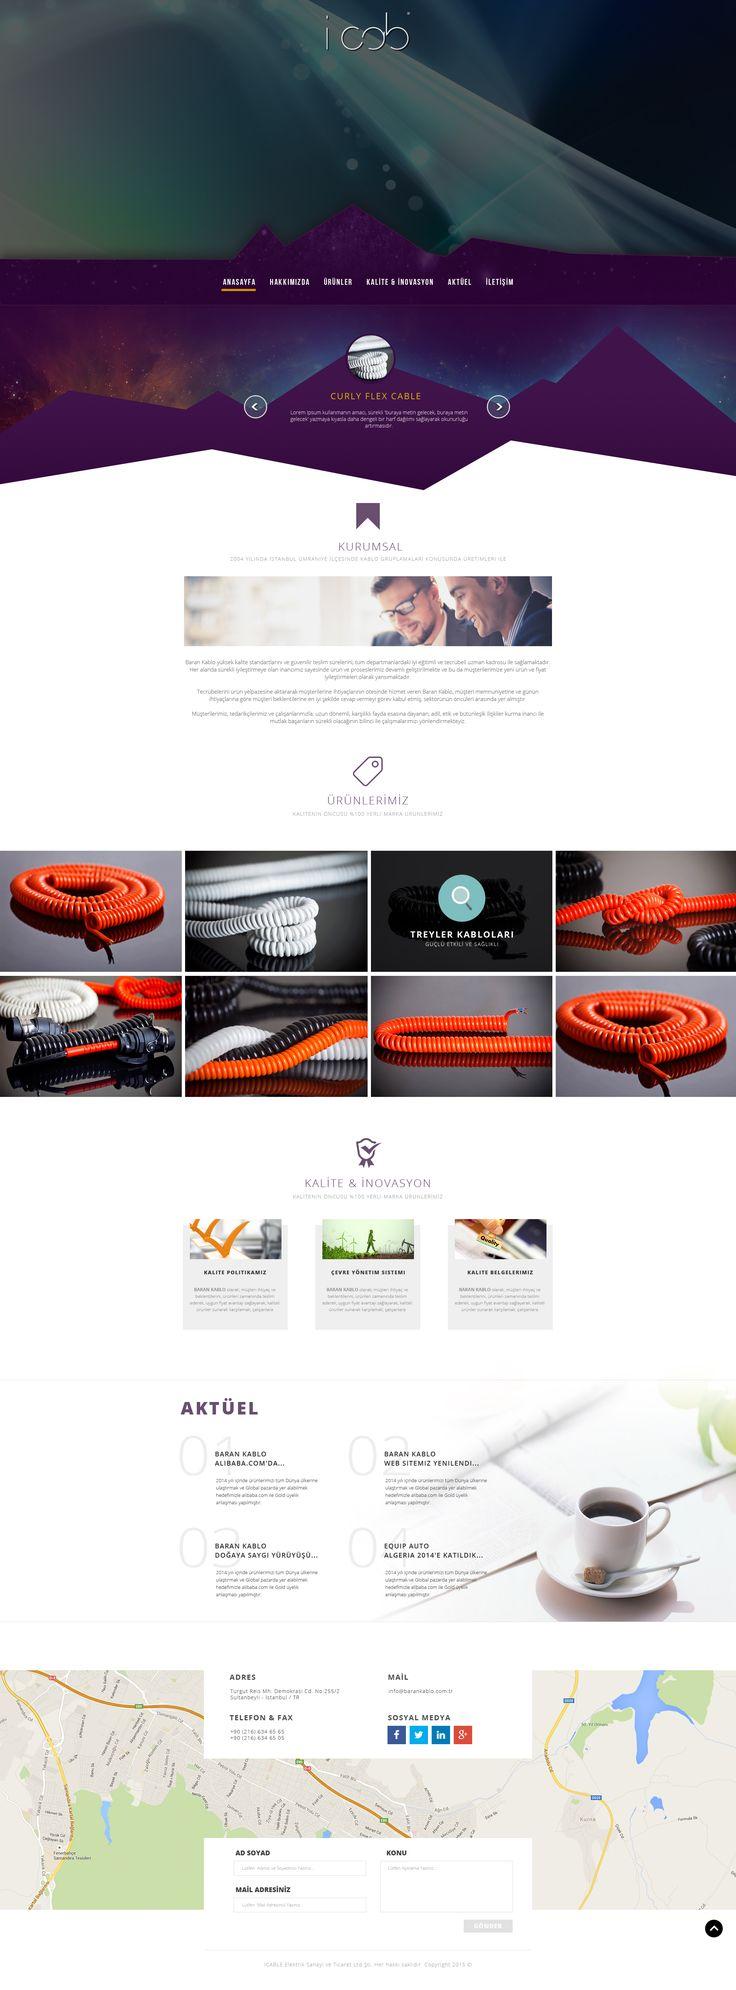 Spiral Kablo web tasarım ve yazılım projesi birNC Ajans tarafından tamamlanmıştır. (Baran Kablo projesidir.)